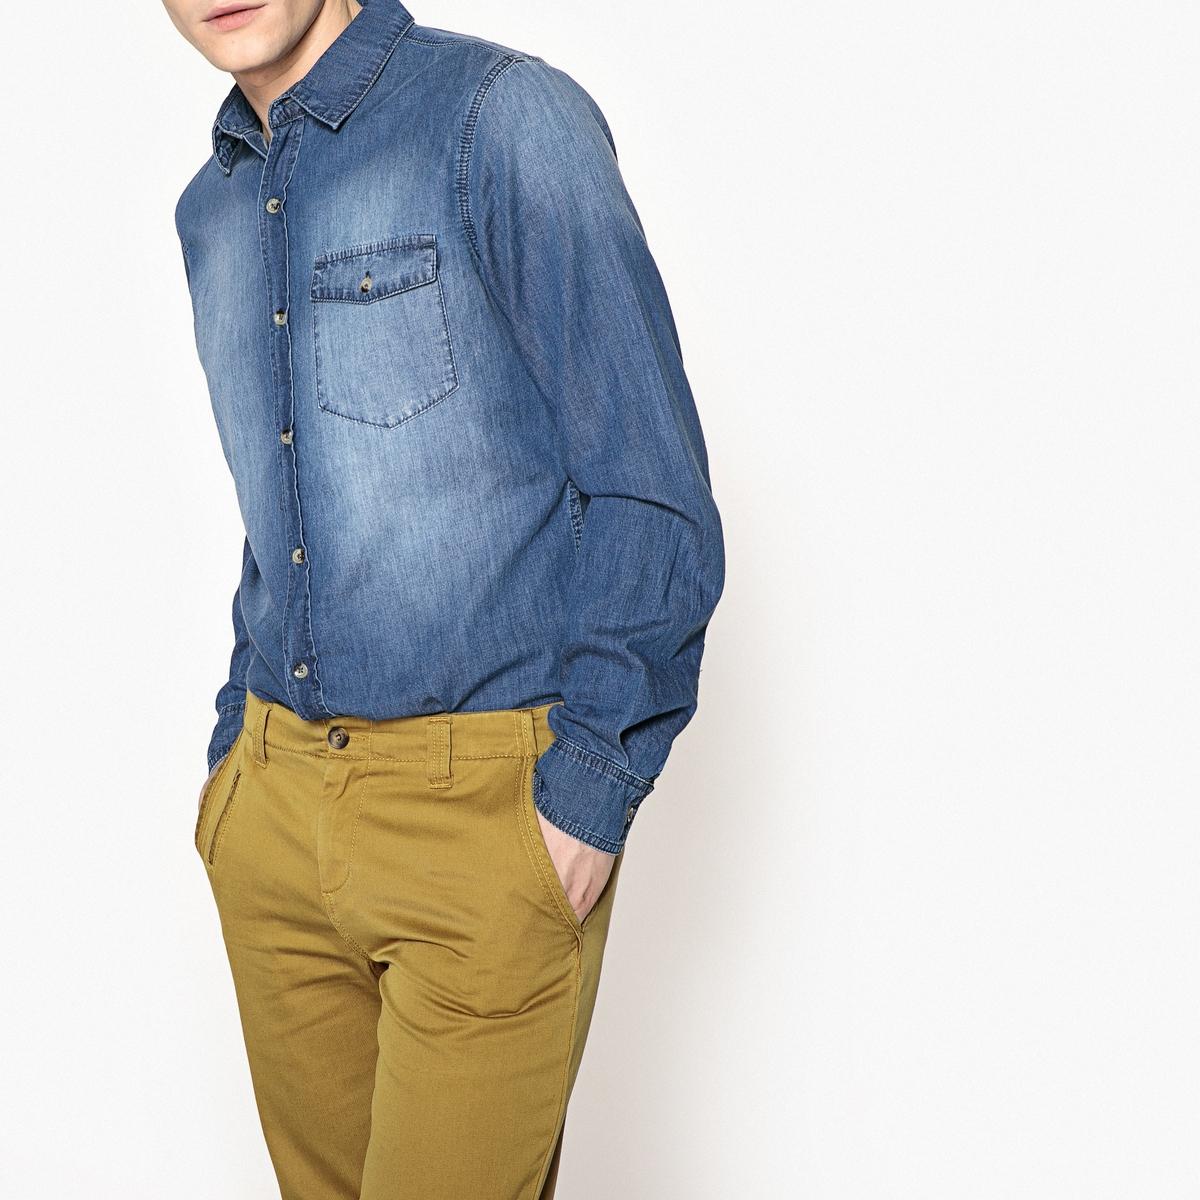 Рубашка узкого покроя из джинсовой ткани рубашки mavango рубашка